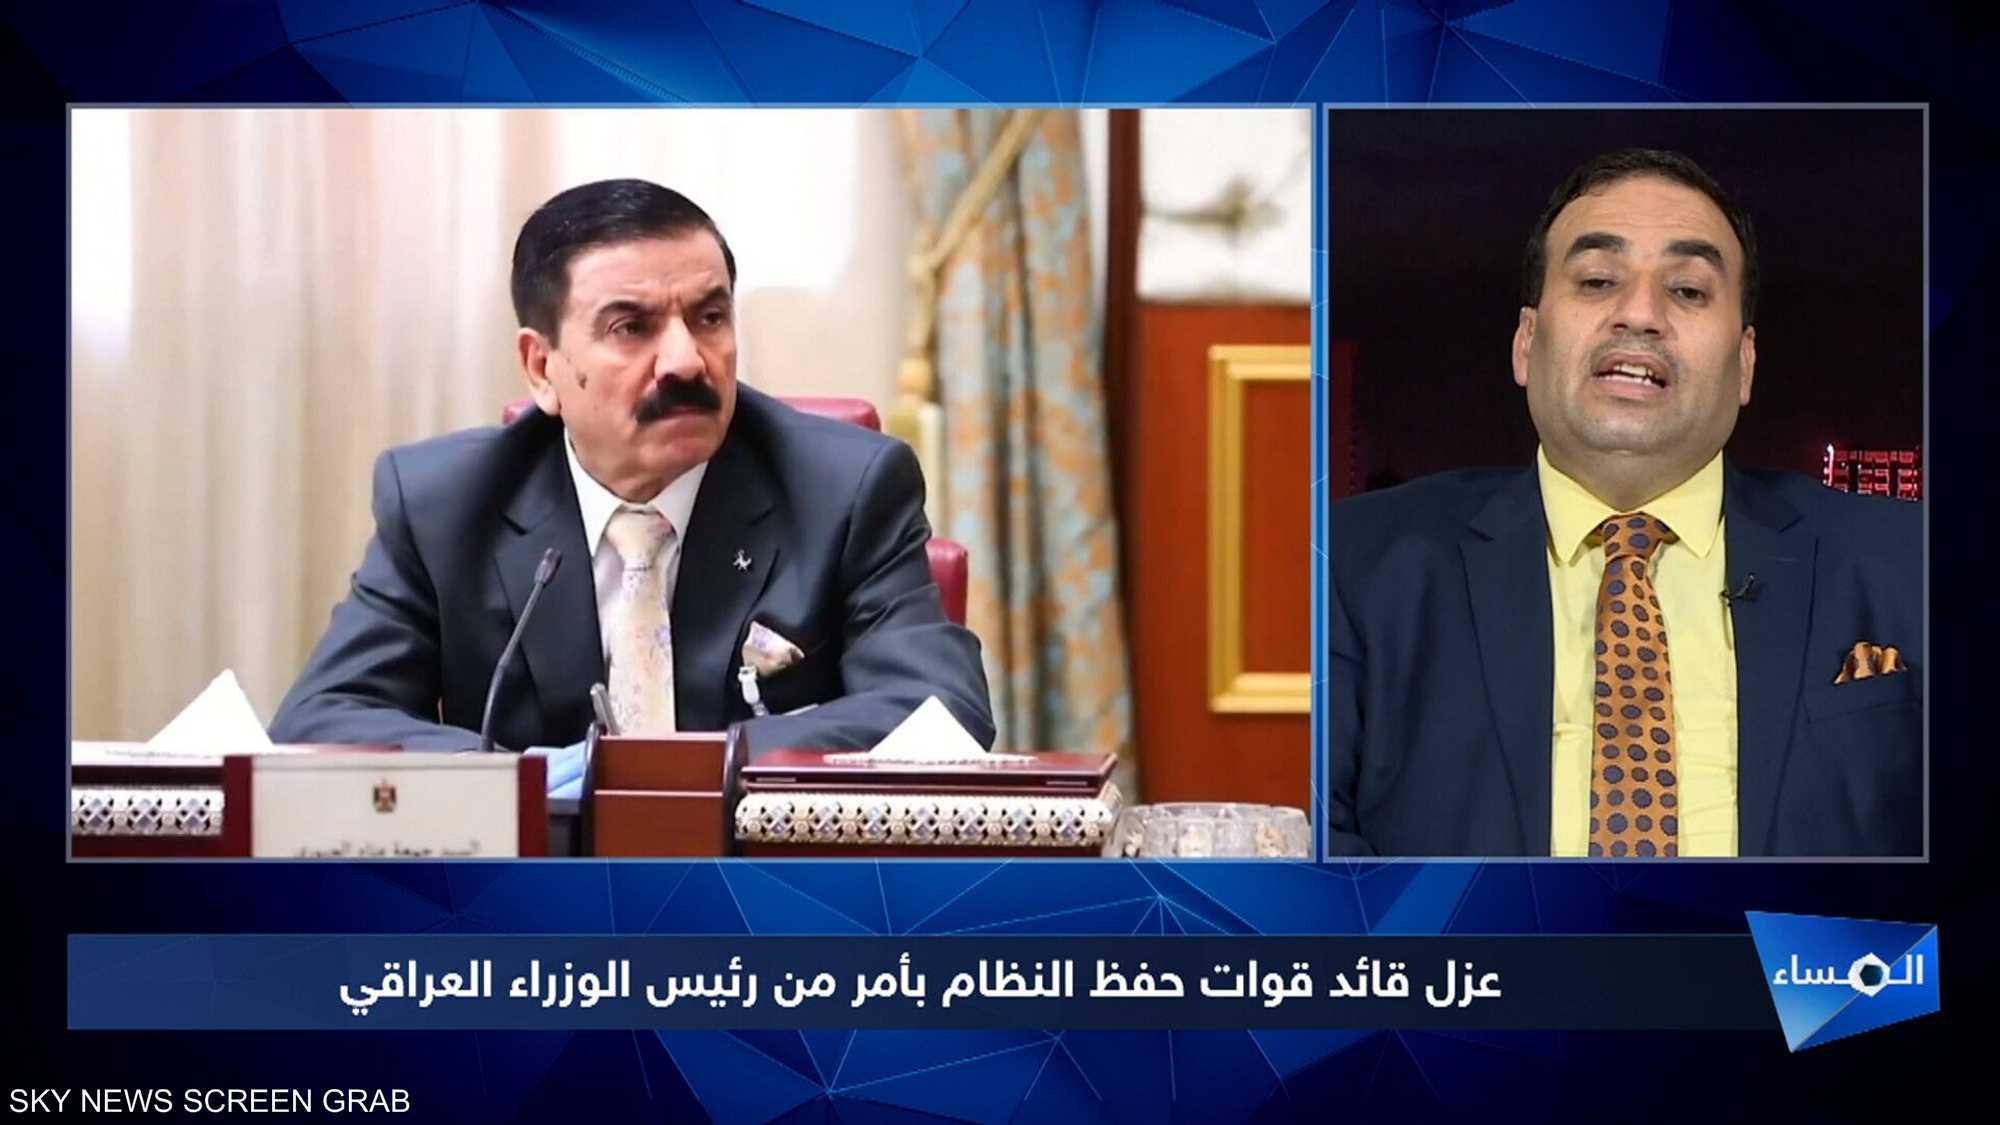 عزل قائد قوات حفظ النظام بأمر من رئيس الوزراء العراقي